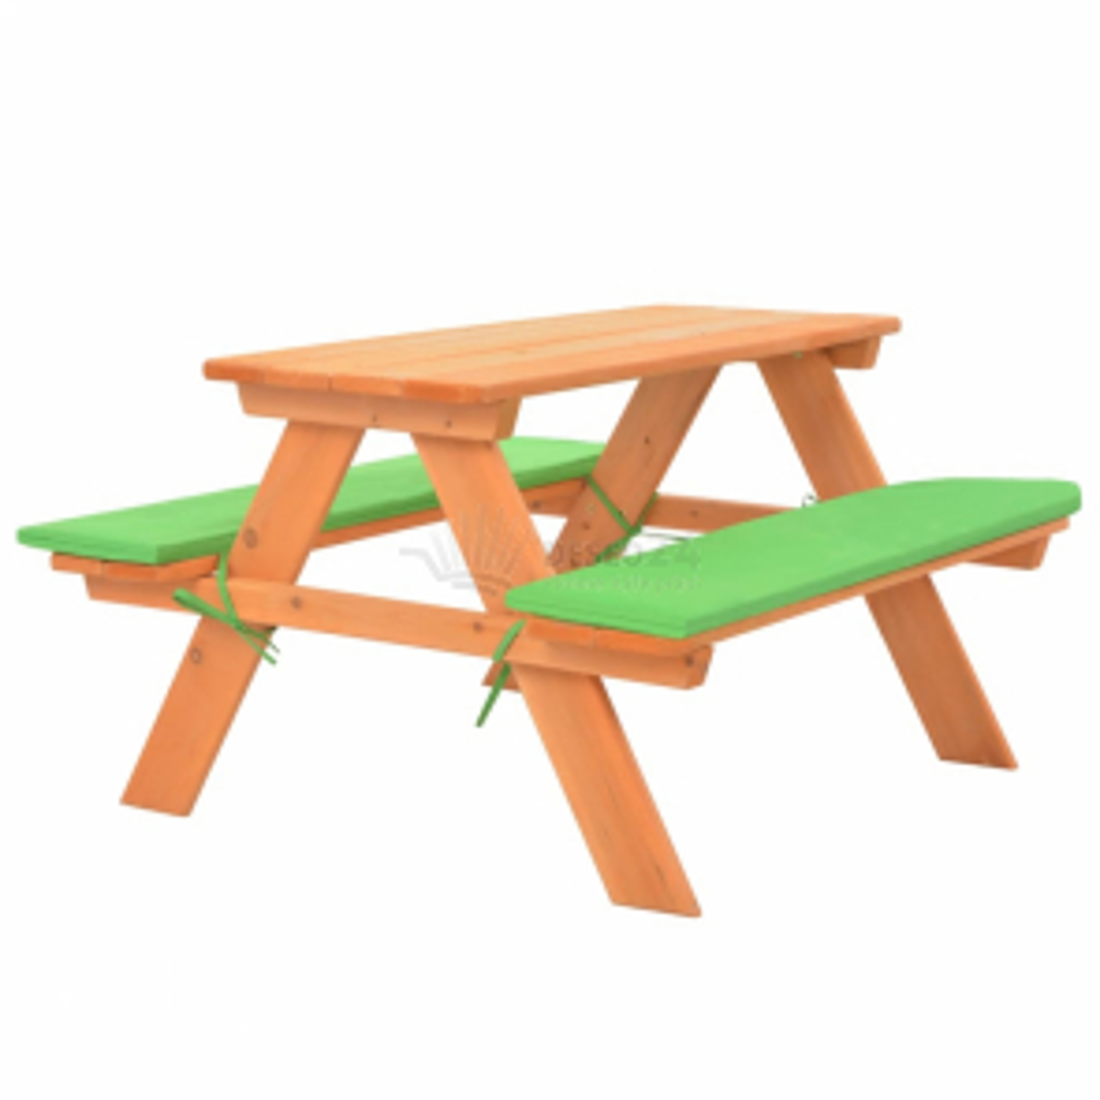 Dětský piknikový stůl s lavičkami 89 x 79 x 50 cm masivní jedle [91793]